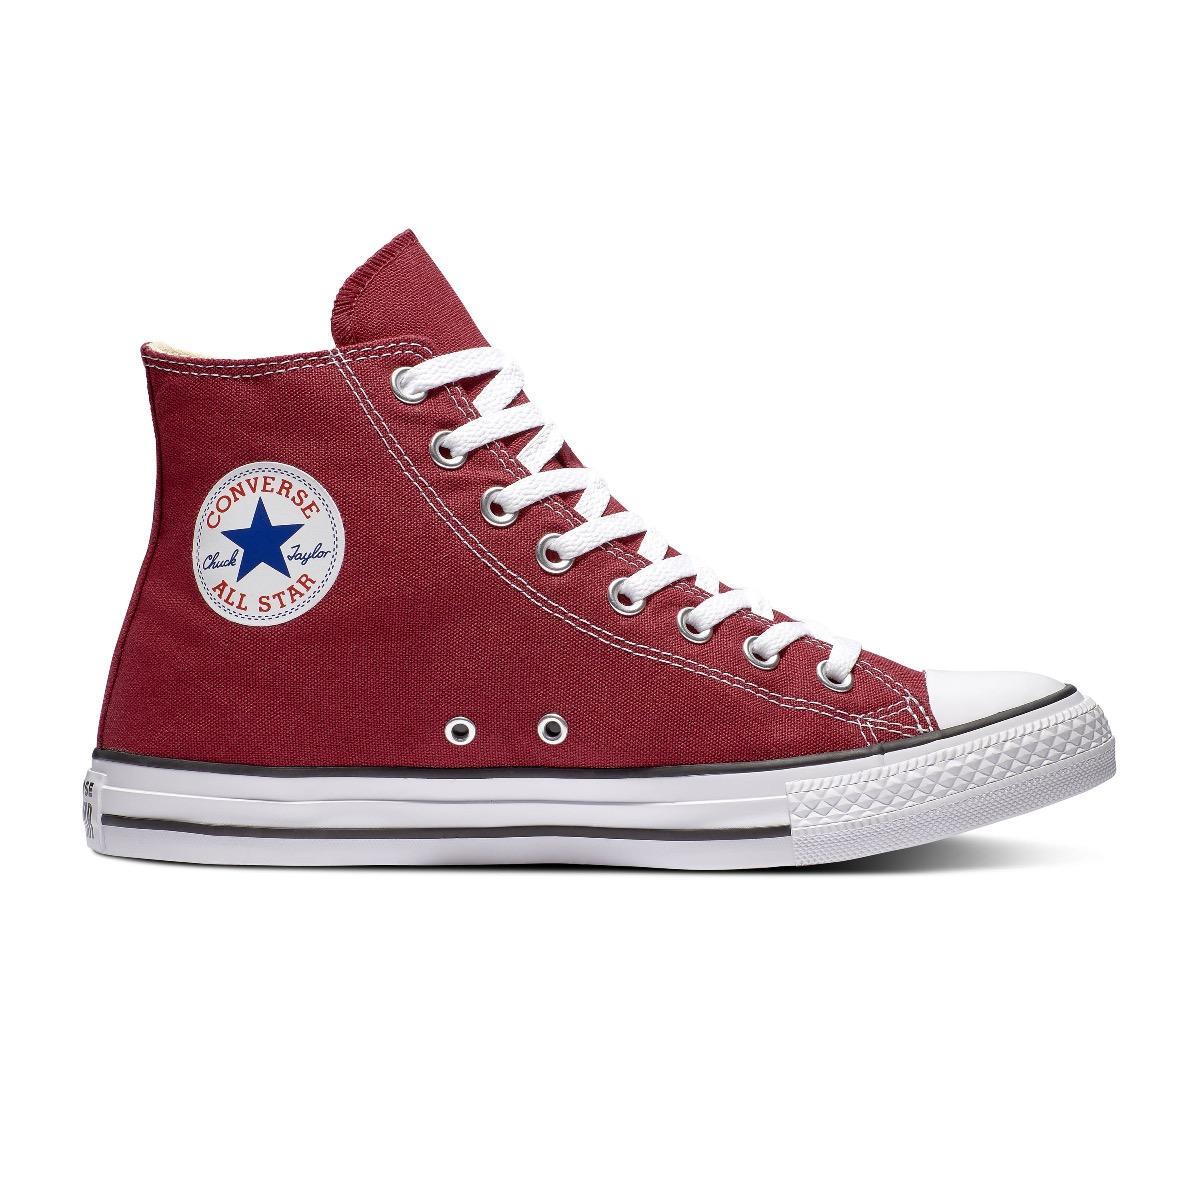 Converse All Stars Hoog Bordeaux Rood maat 44